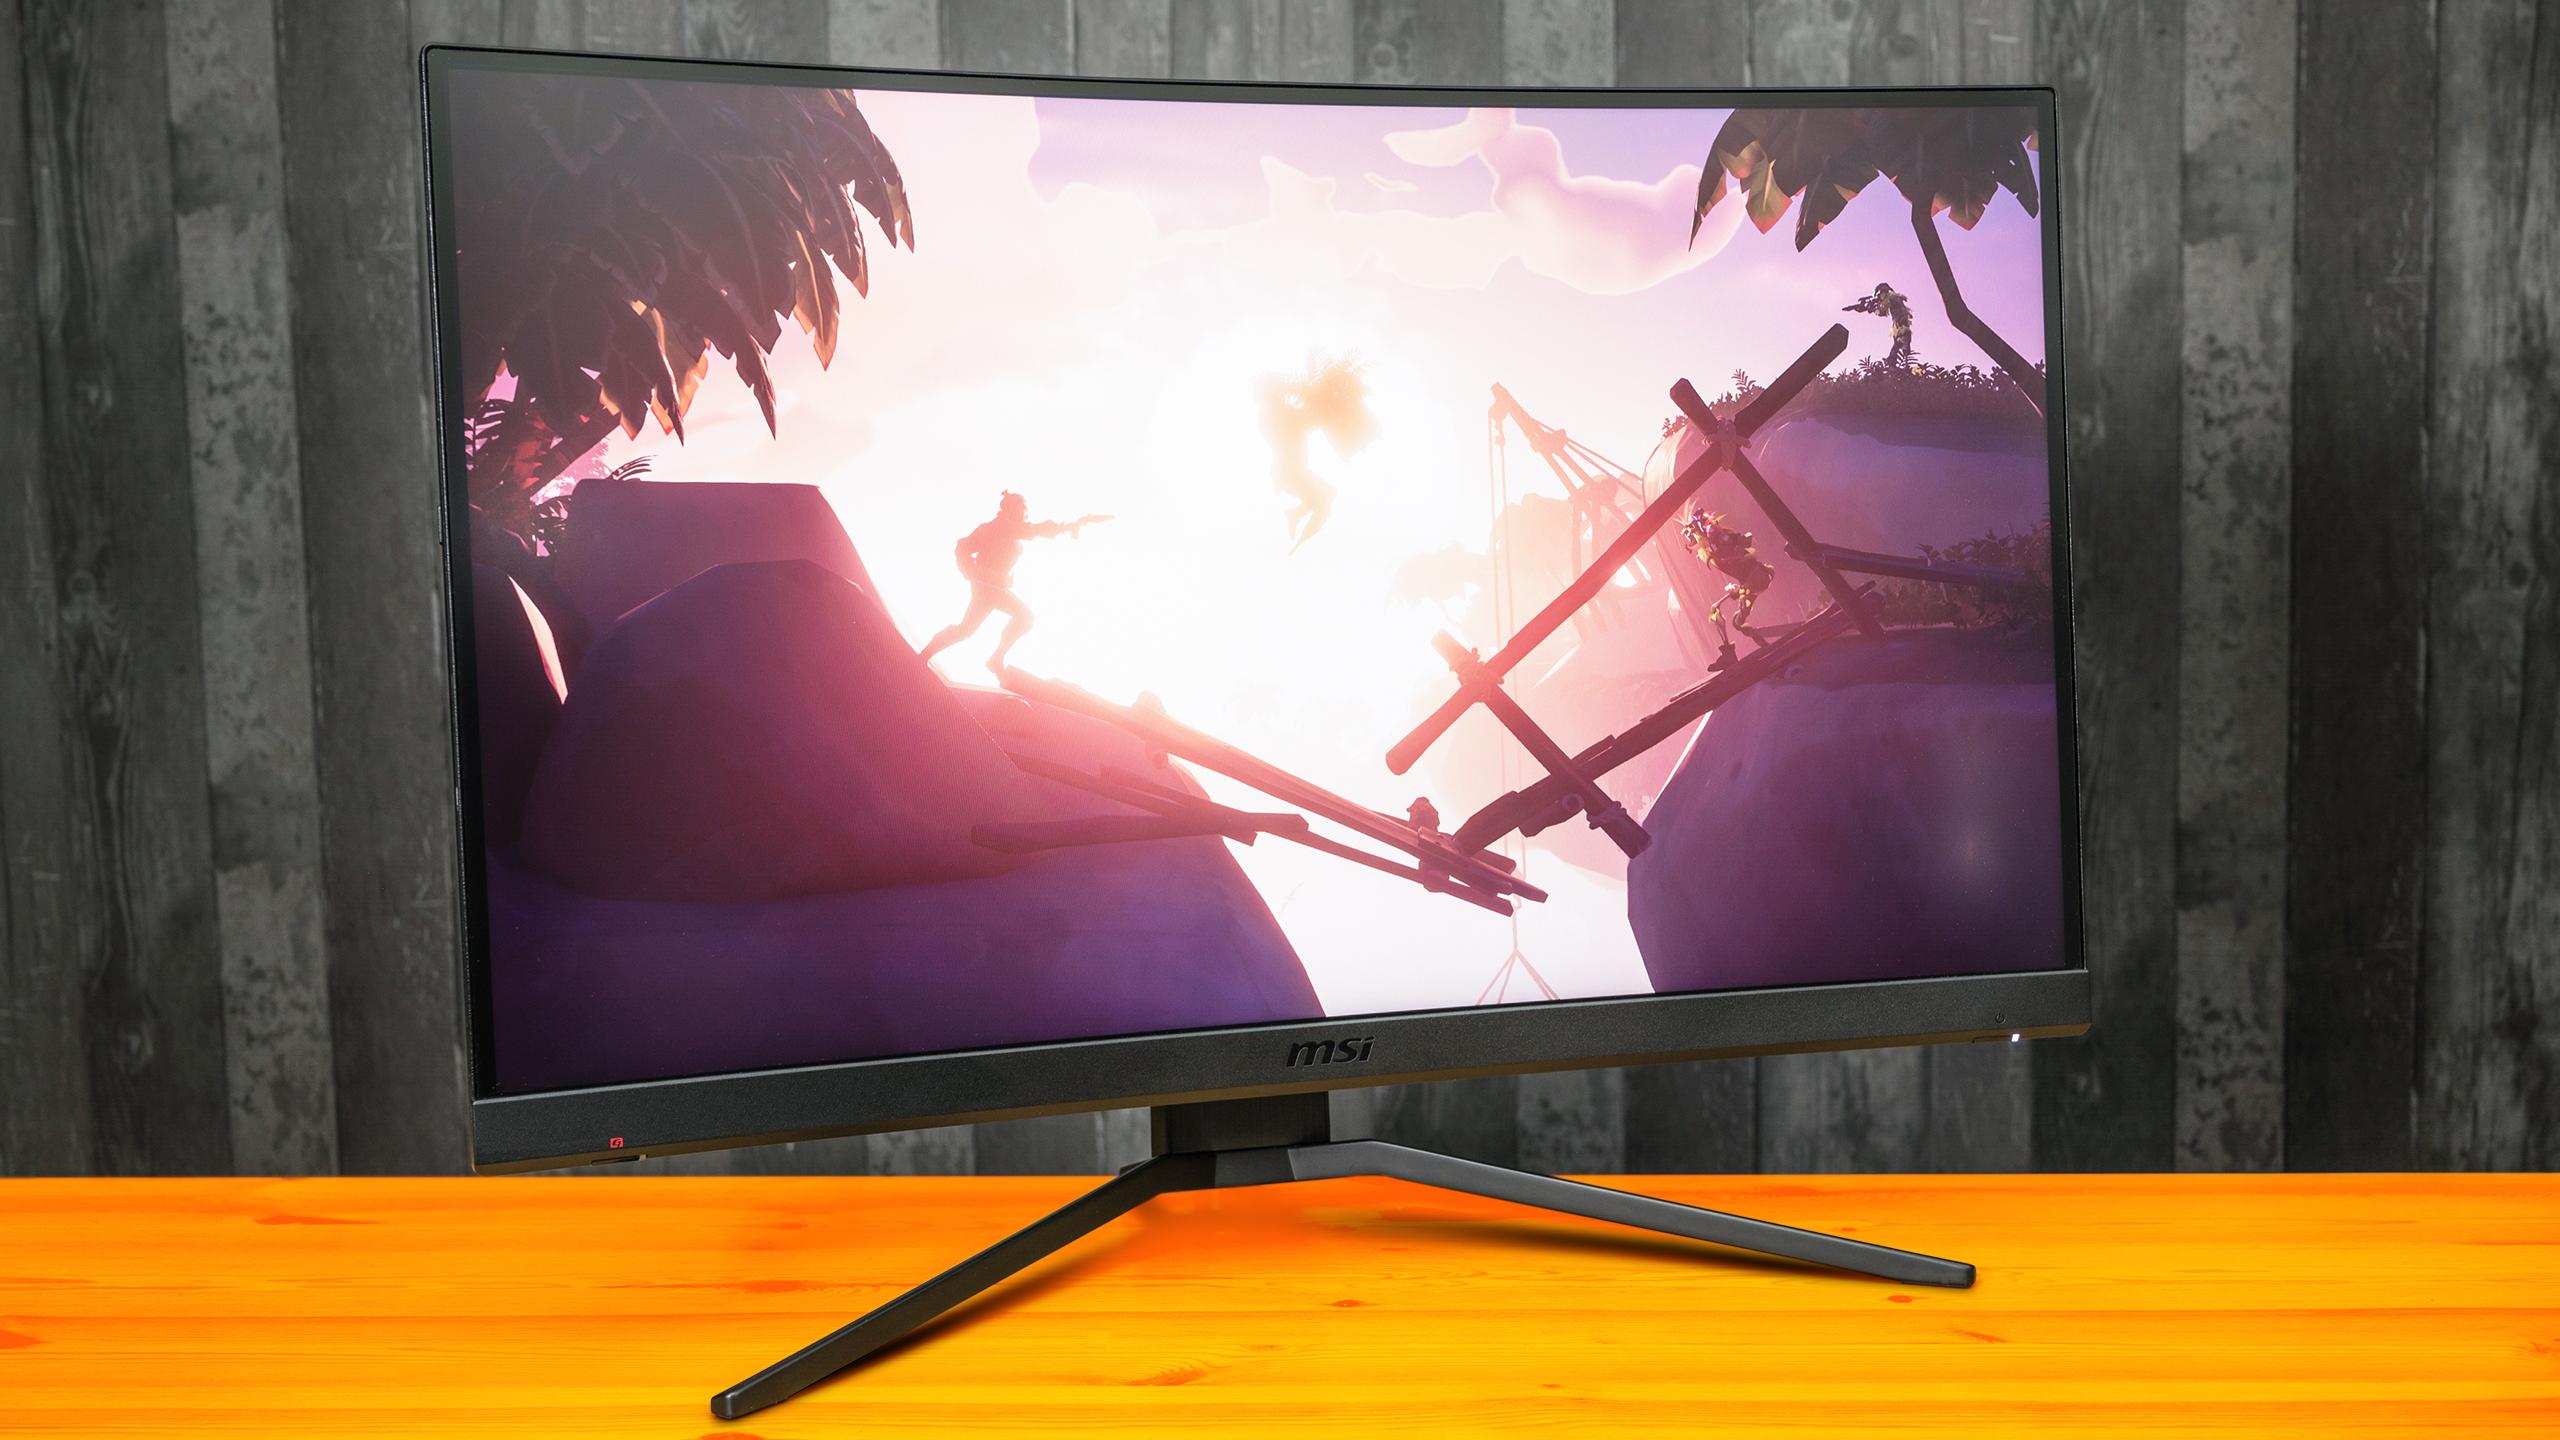 Vooraanzicht van de MSI Optix MAG272CQR gaming-monitor, met daarop een screenshot van Sea of Thieves afgebeeld.